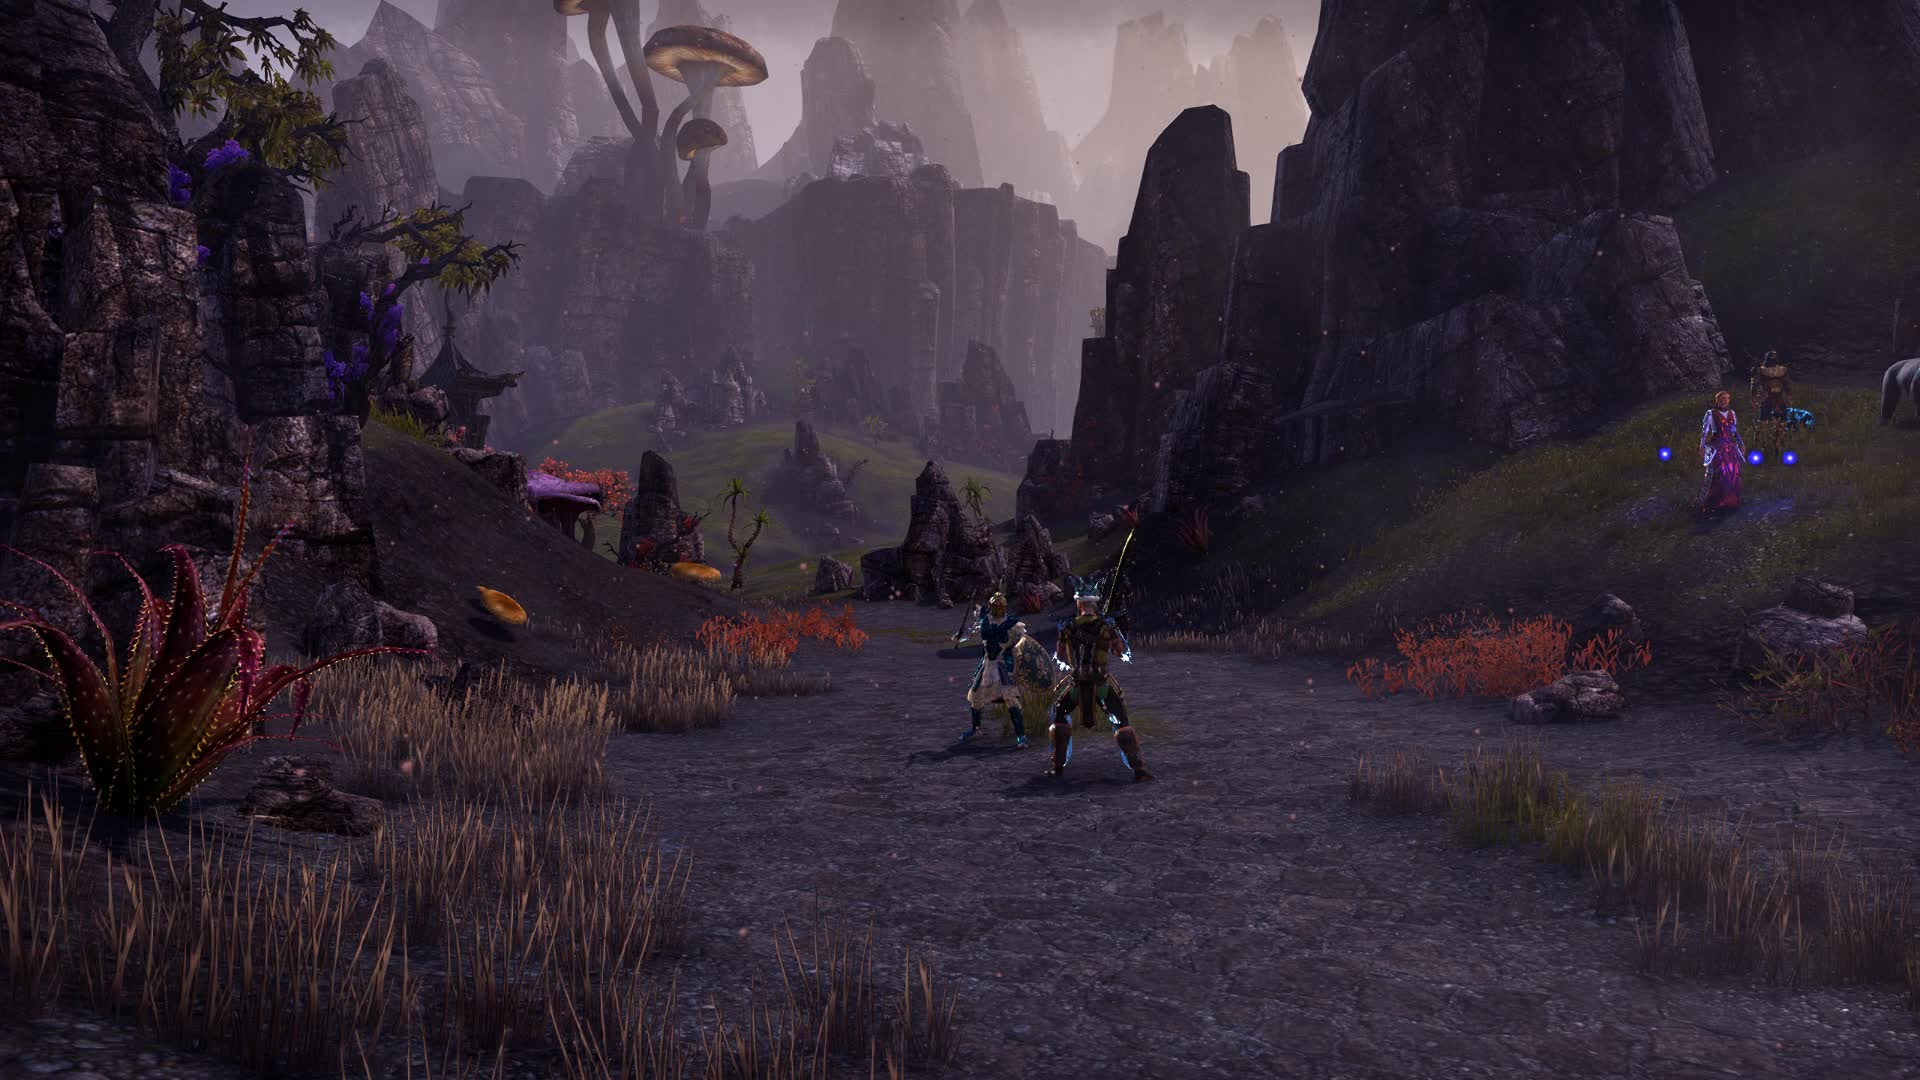 elderscrollsonline, Elder Scrolls Online 2018.07.29 - 19.18.41.02 GIFs